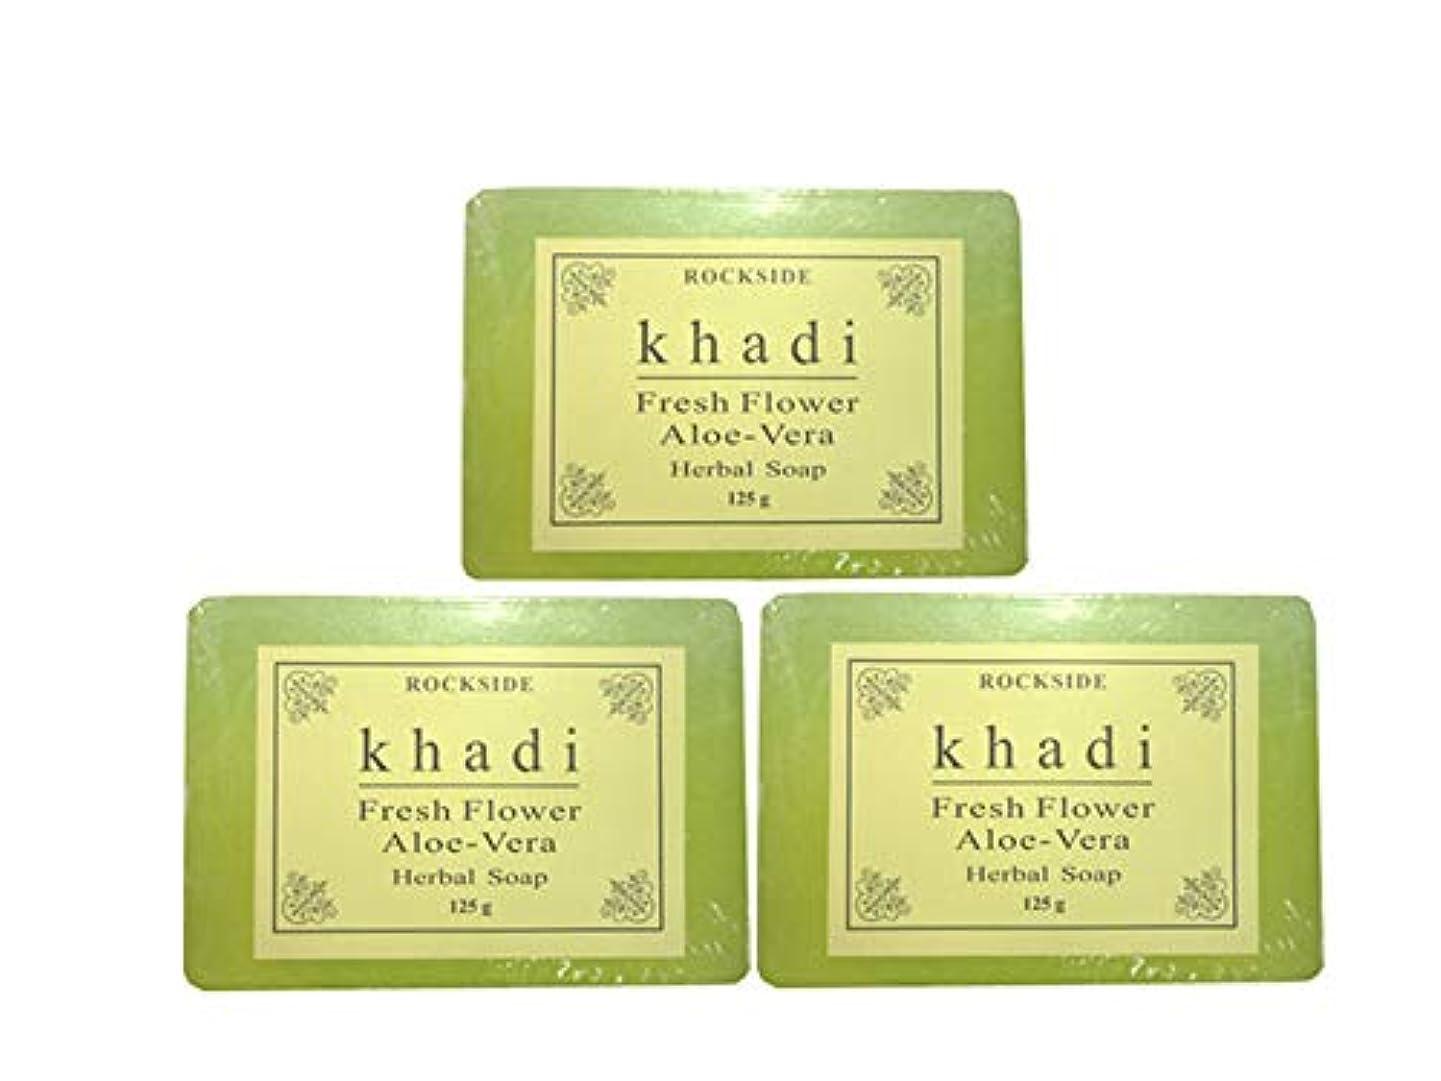 余分な同盟それにもかかわらず手作り  カーディ フレッシュフラワー2 ハーバルソープ Khadi Fresh Flower Aloe-Vera Herbal Soap 3個SET